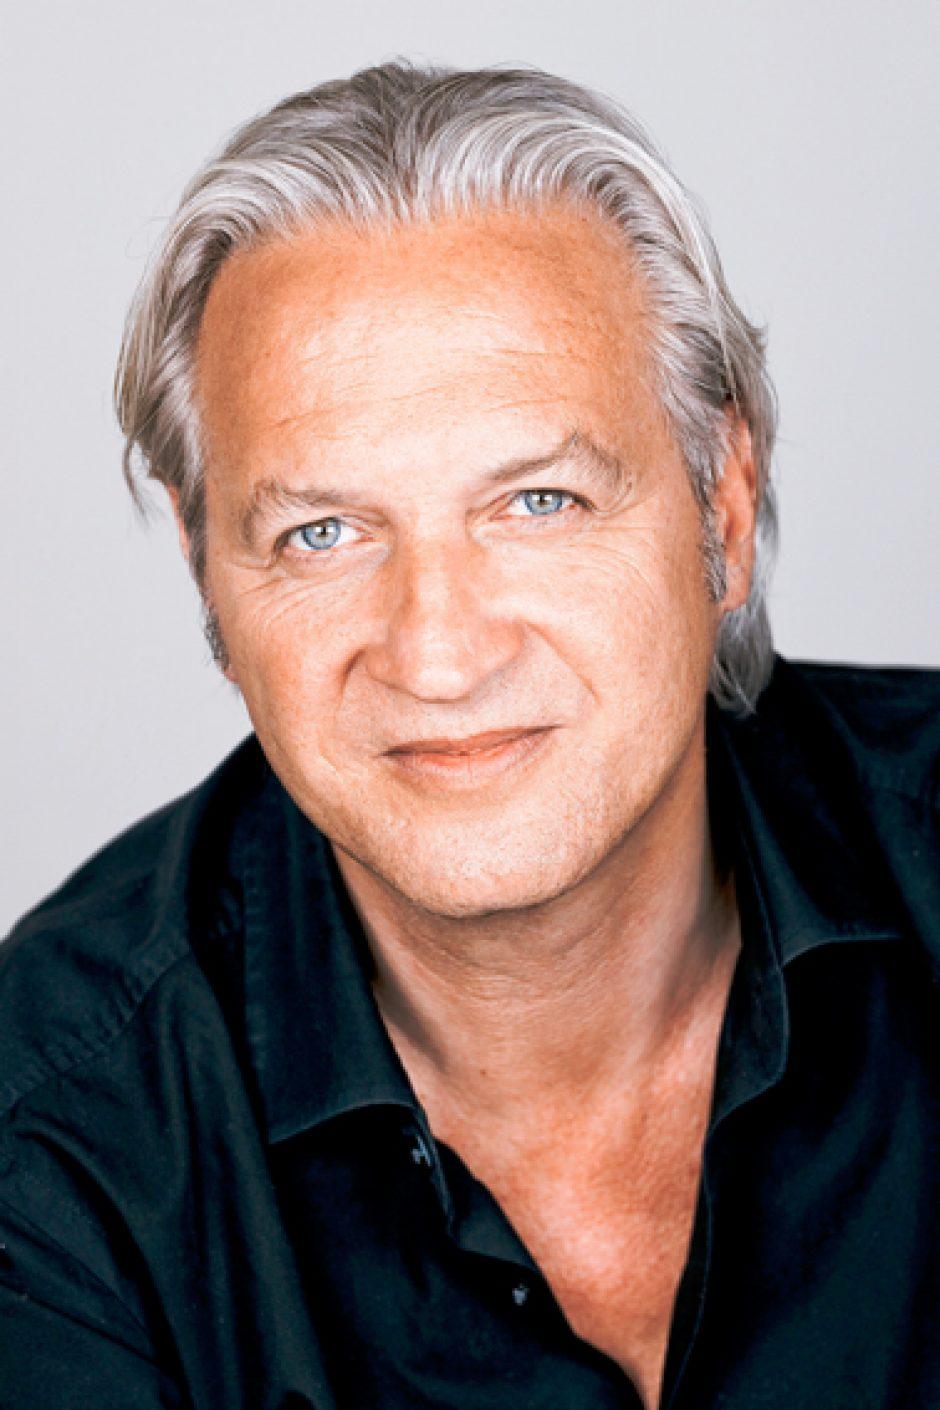 Bernd Reheuser liest Montaigne